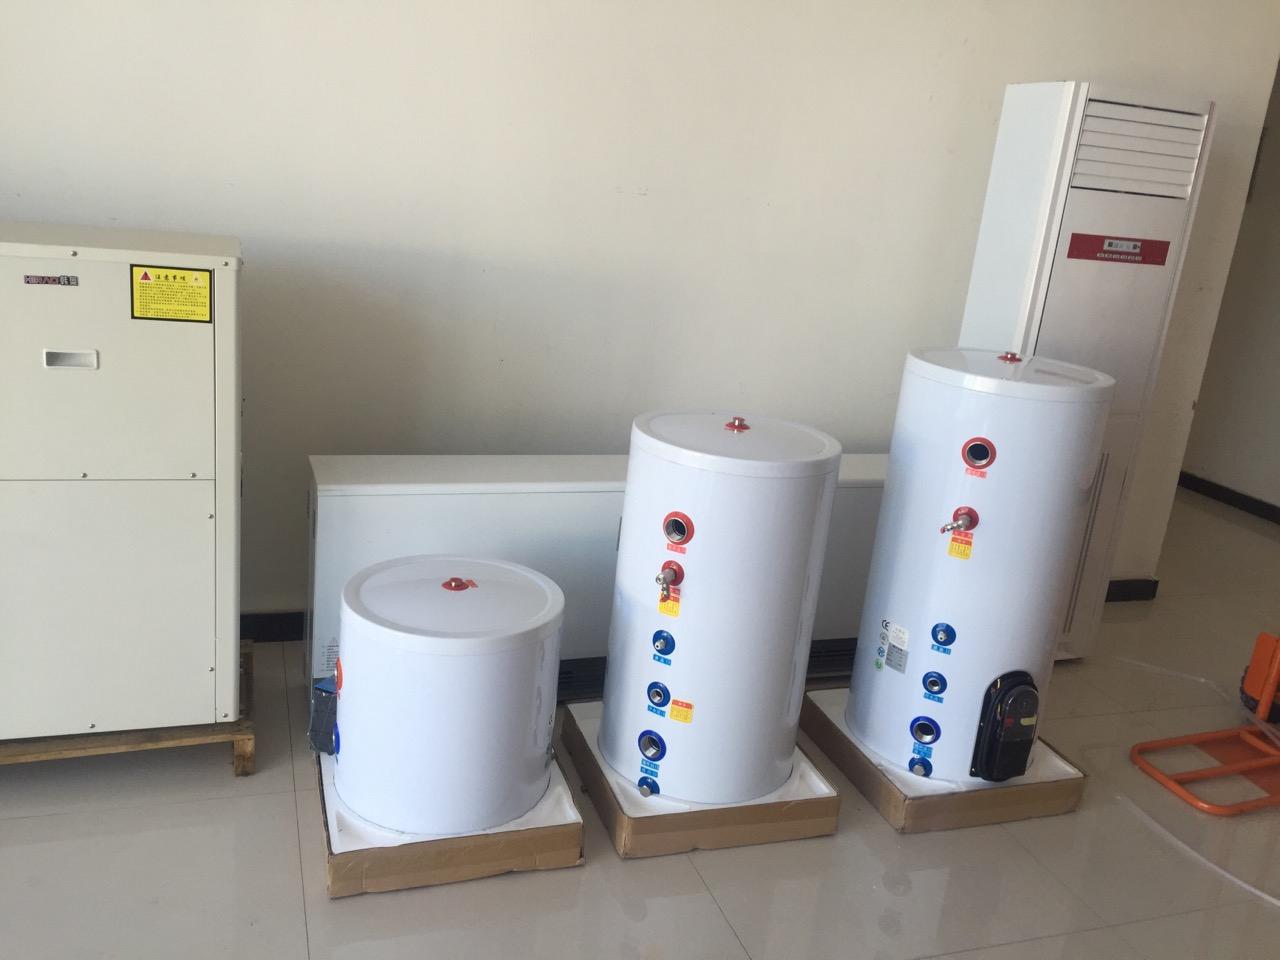 空气源热泵系统中,缓冲水箱有多重要?